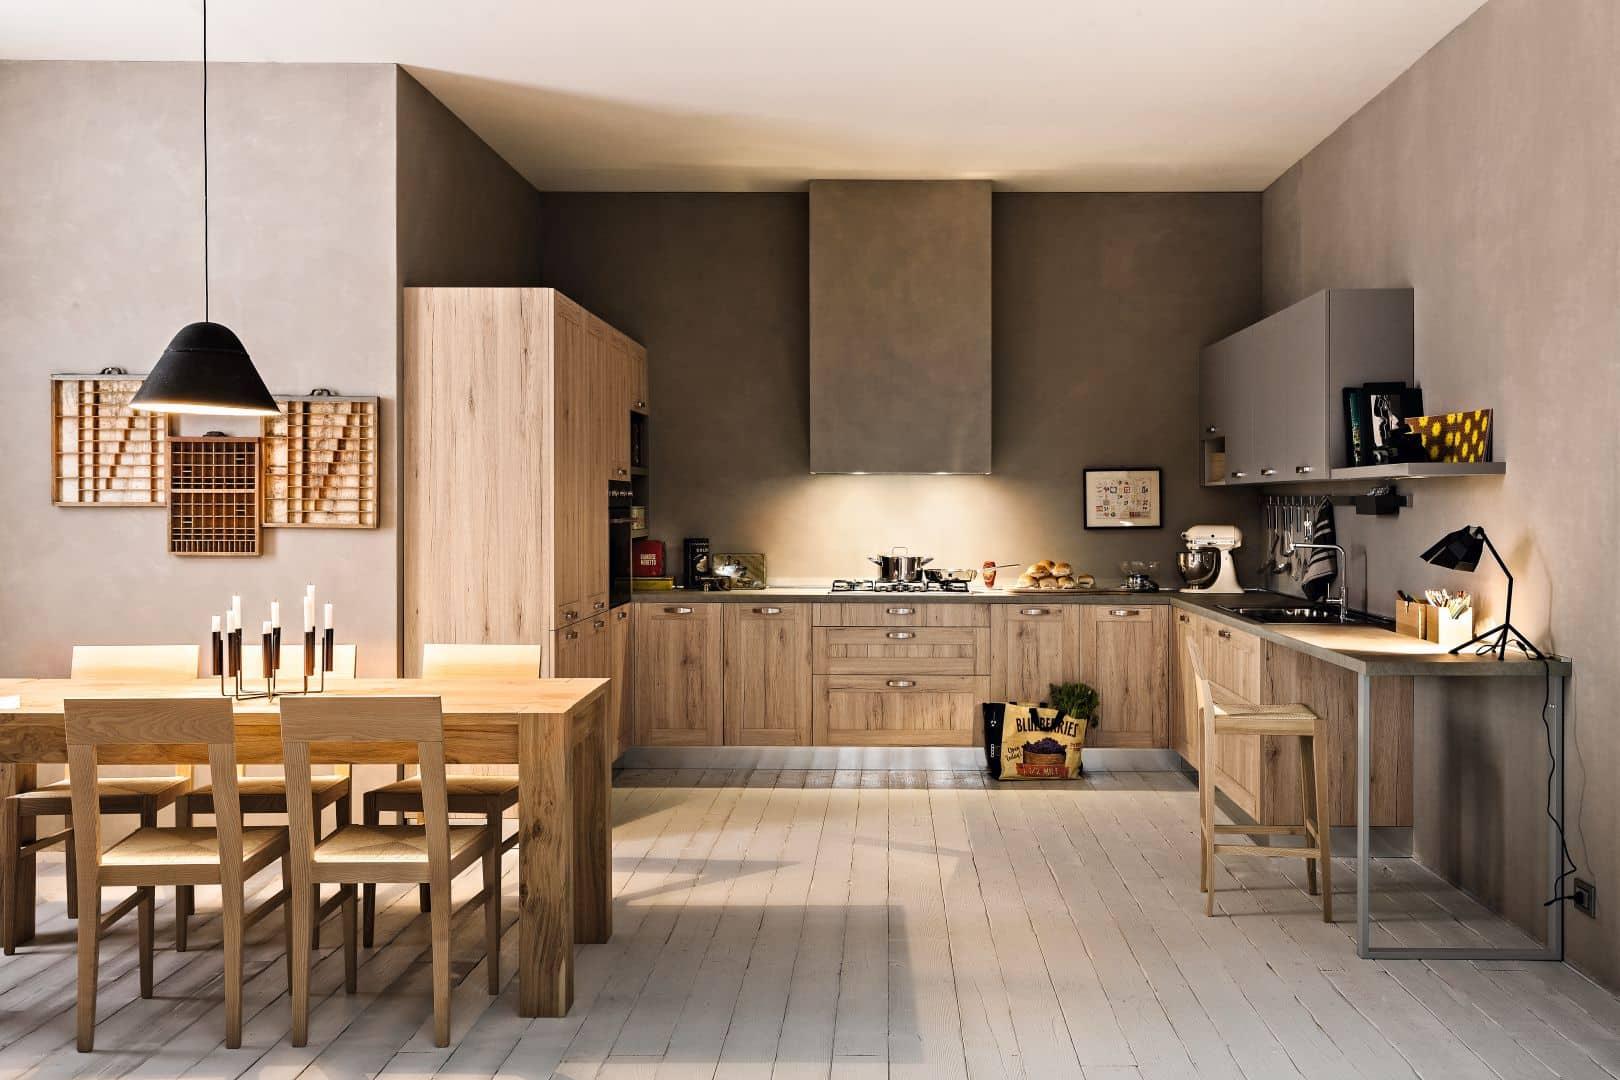 Κουζίνα με τελαρο σε χρωματισμό φυσικό δρυς και χρωματισμό γκρι ματ